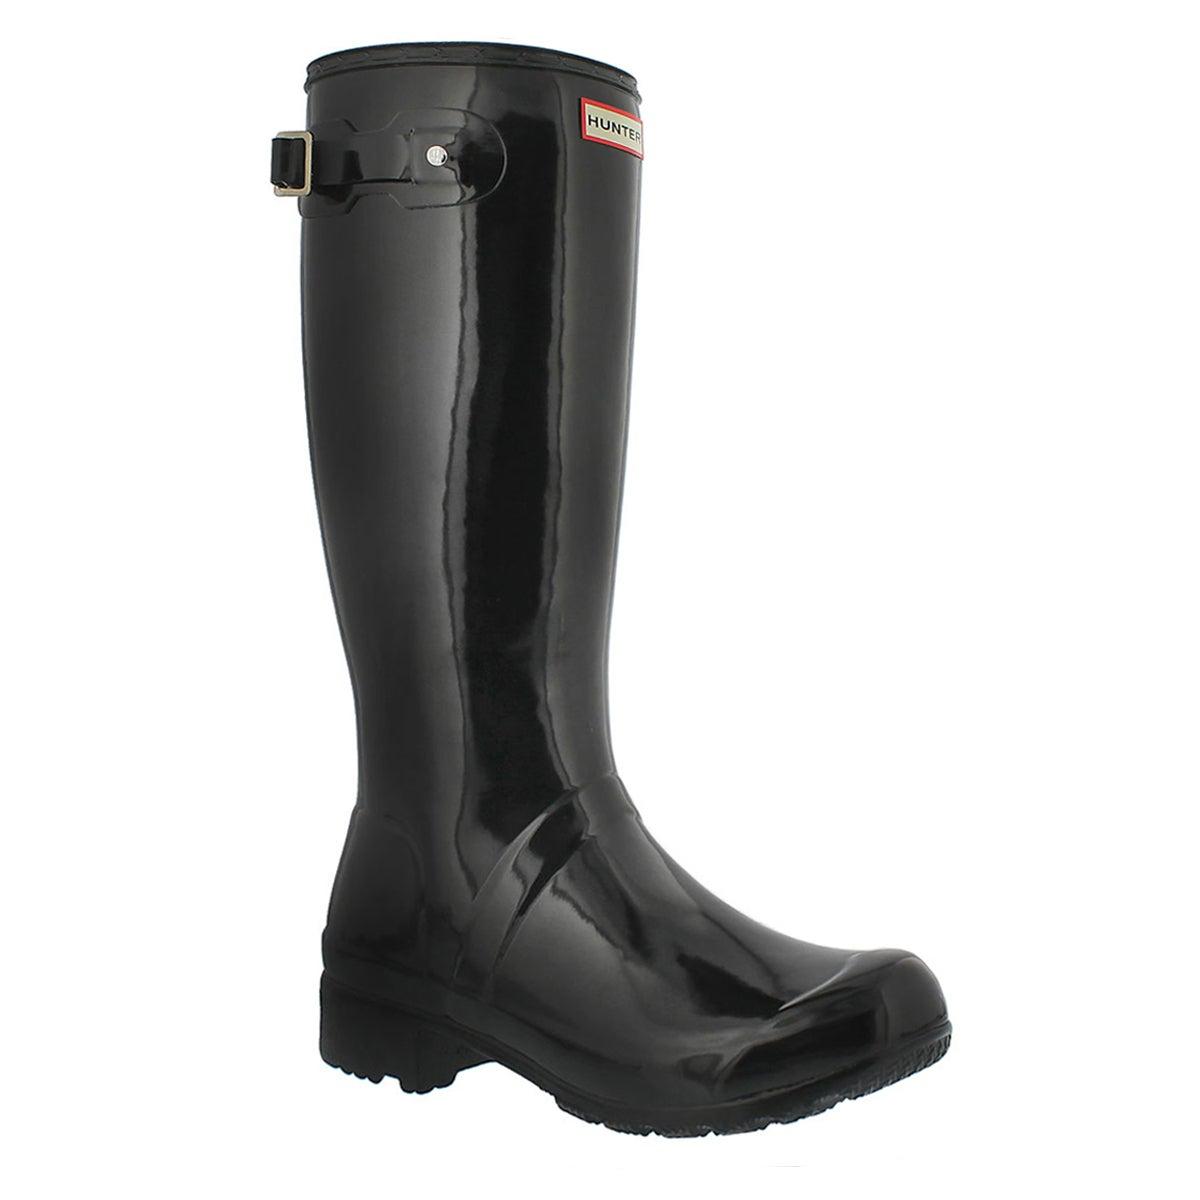 Lds Original Tour Gloss blk rain boot